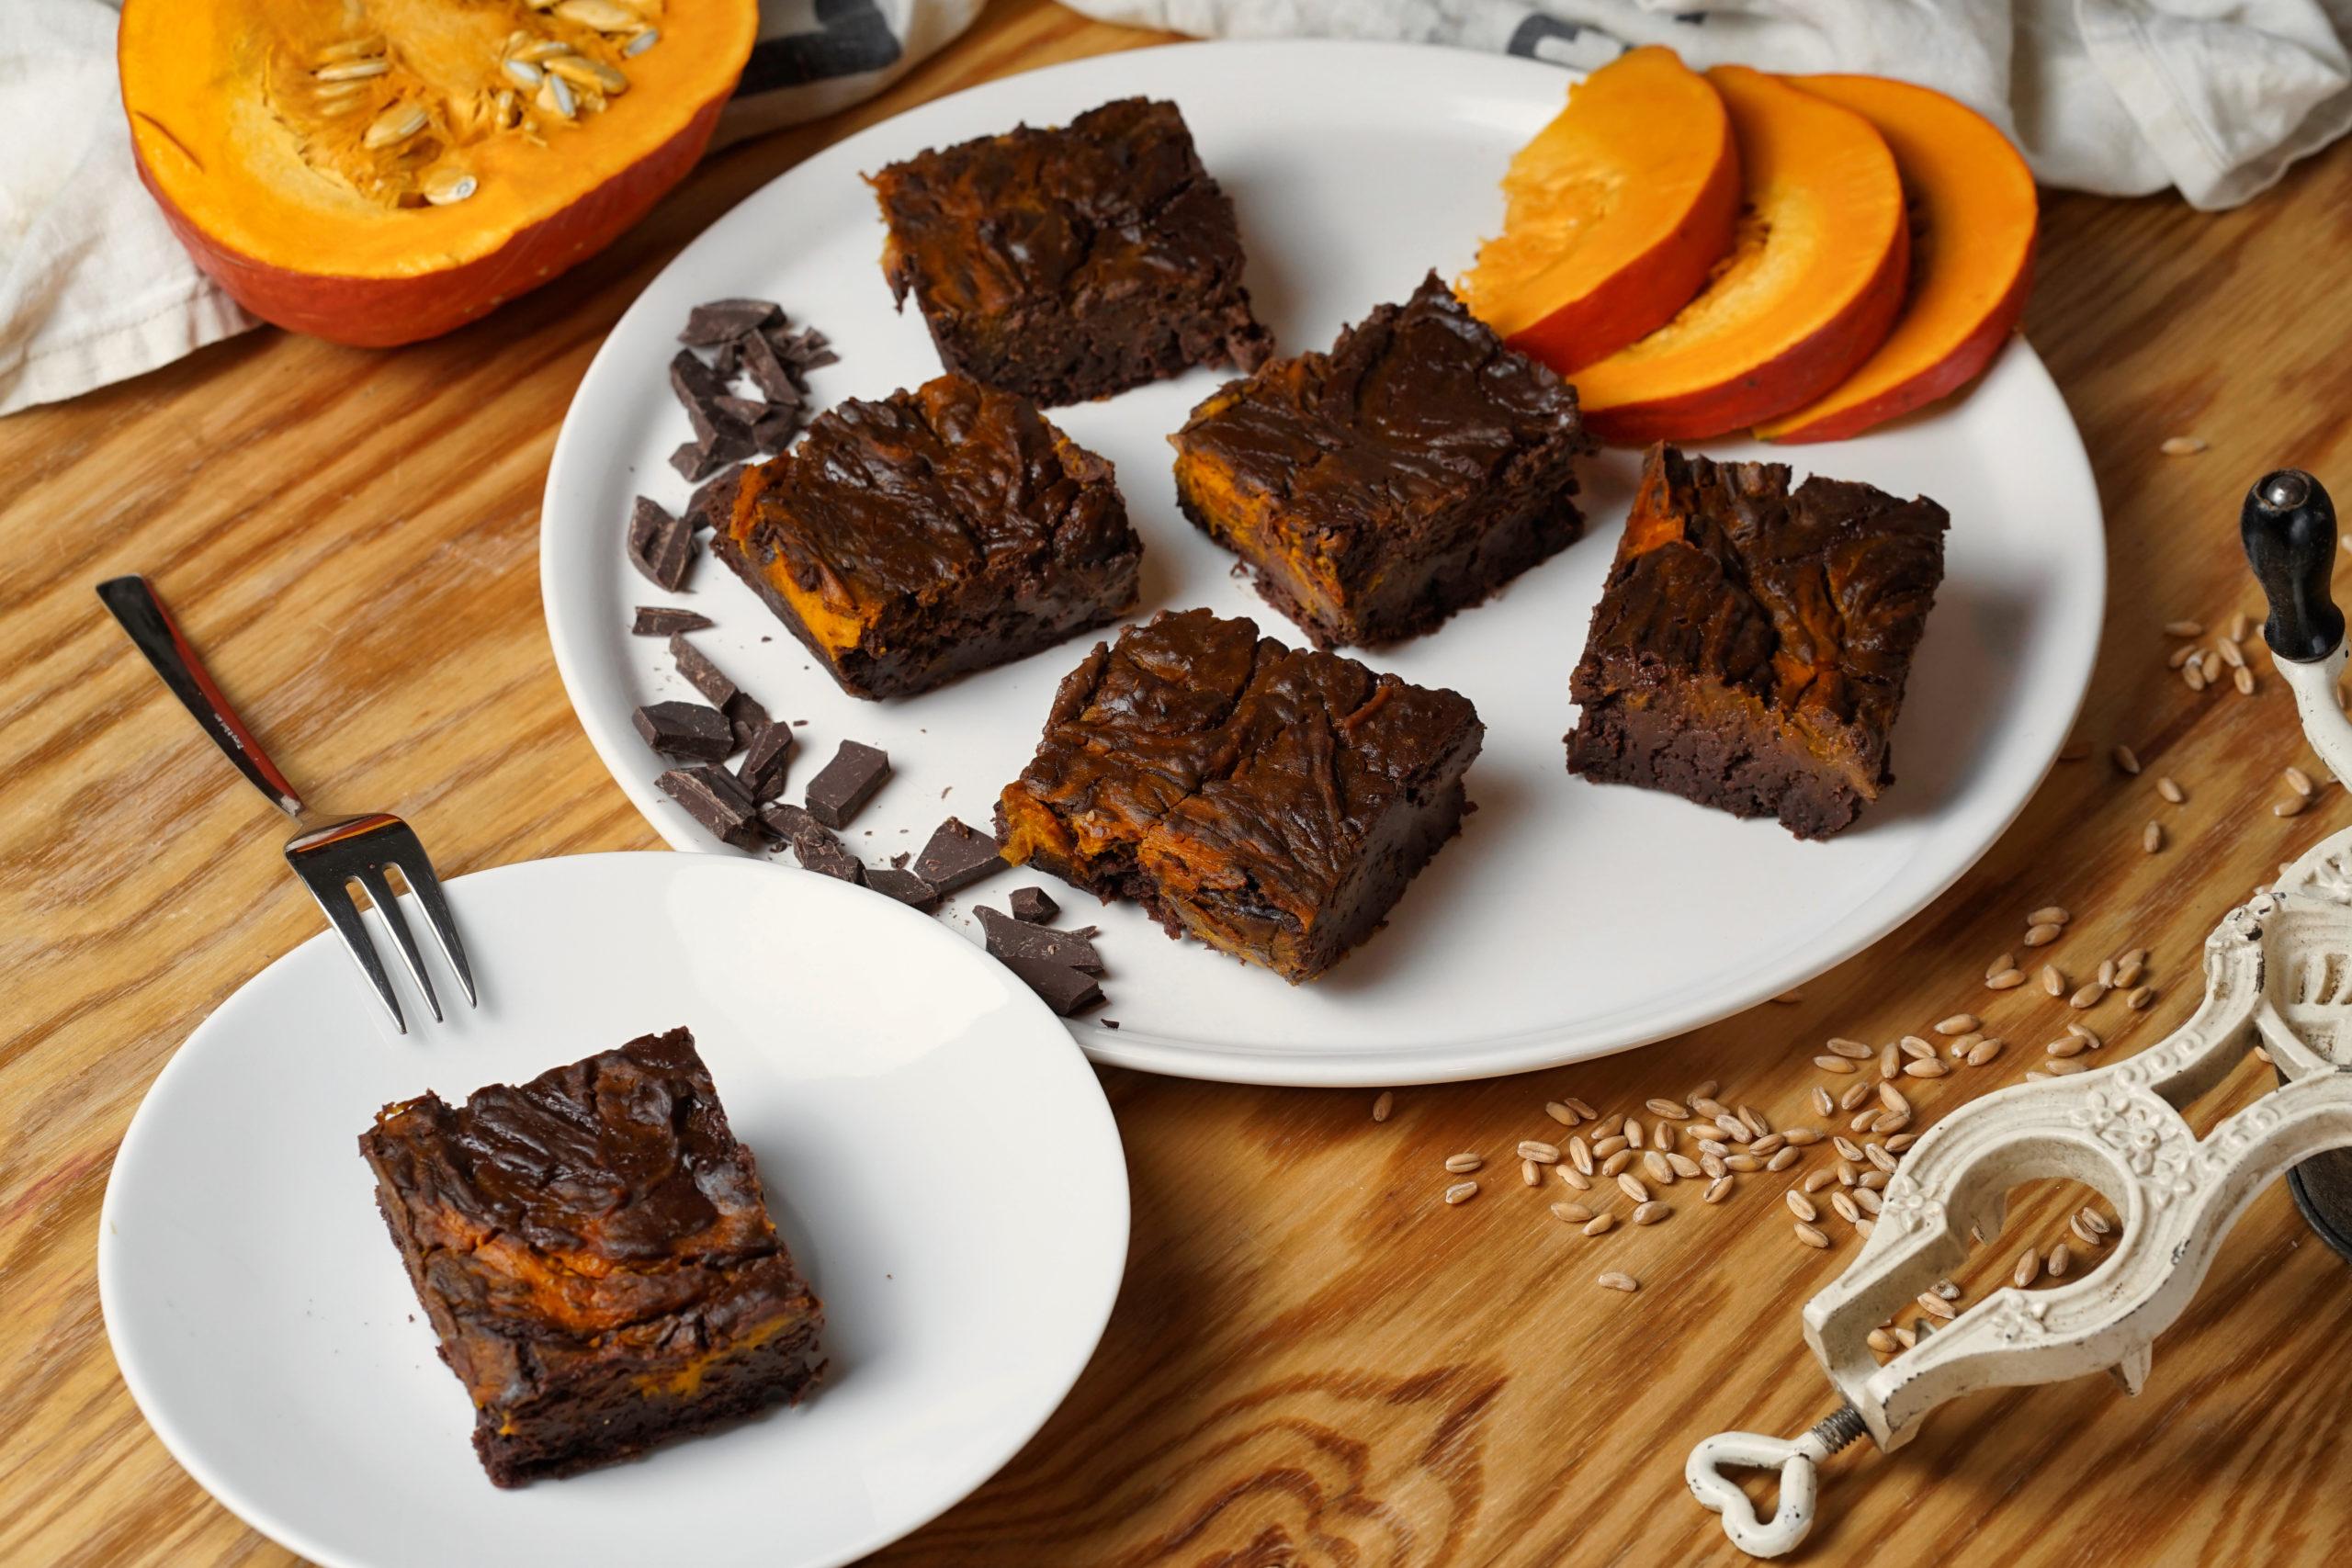 Podzimní dýňové menu: Dýňové brownies